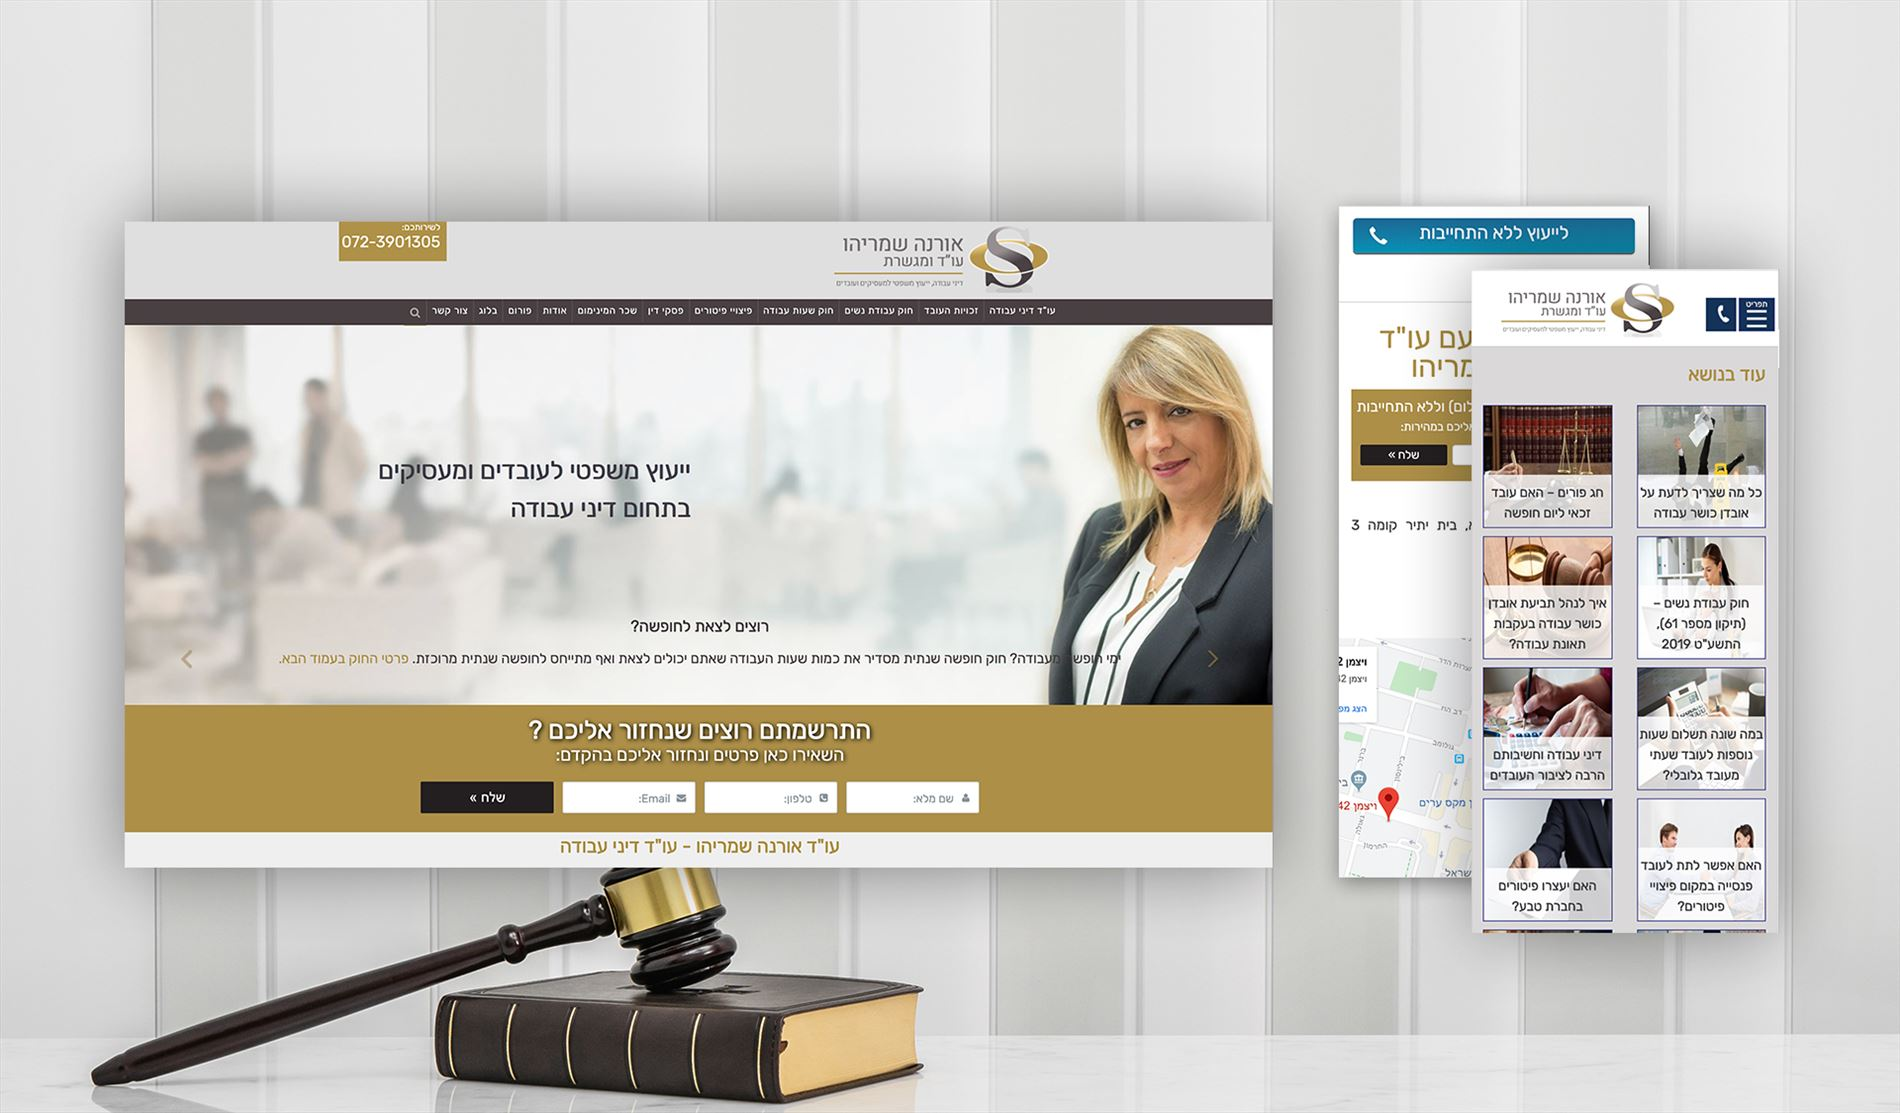 בניית אתר אינטרנט לעורכת הדין אורנה שמריהו